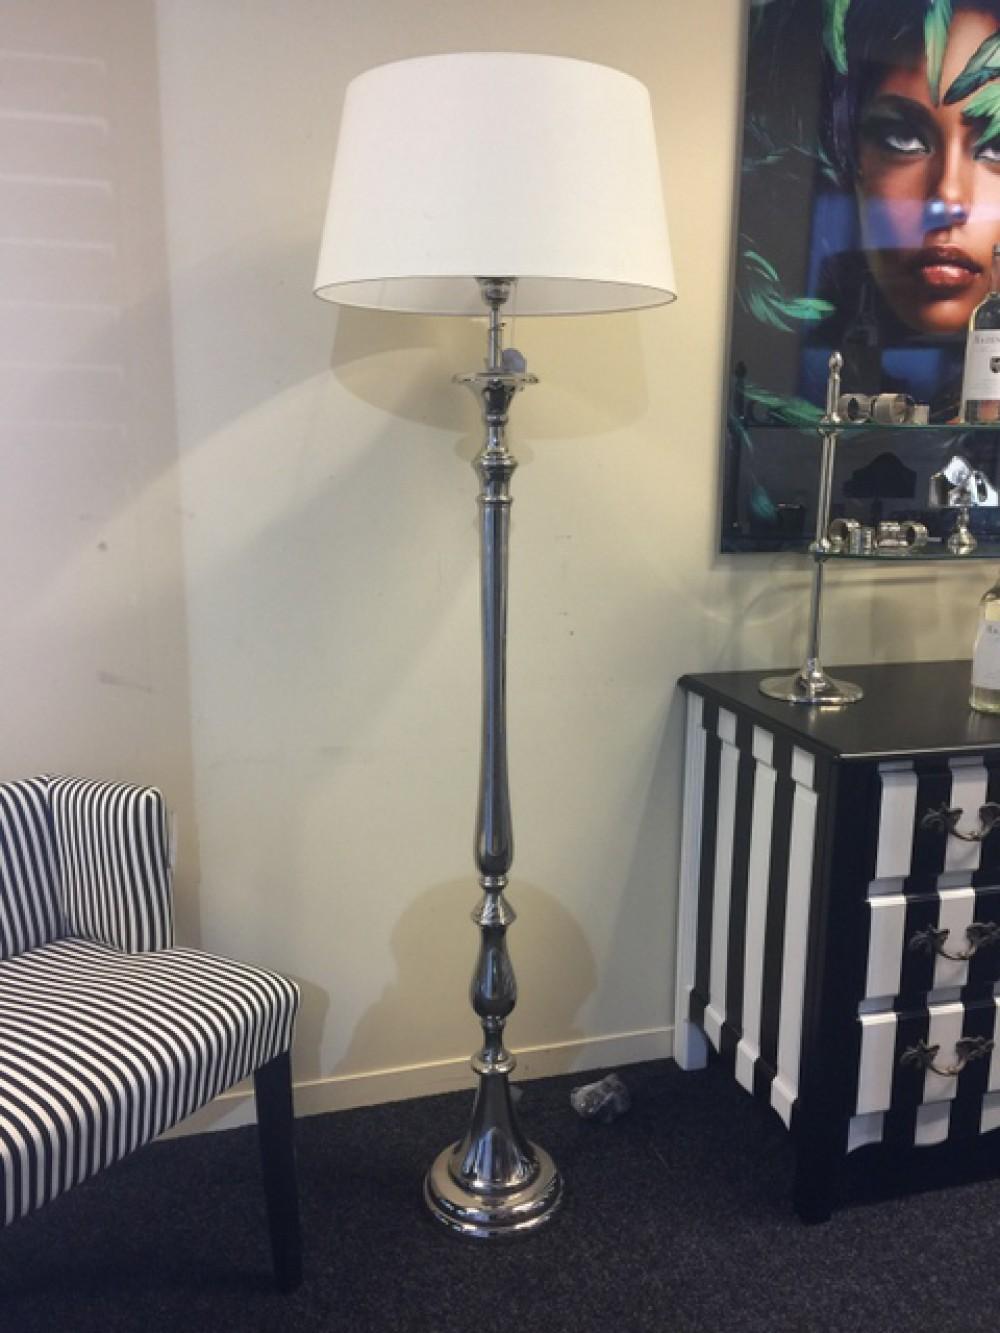 Stehlampe Mit Lampenschirm Landhaus Verchromte Stehleuchte